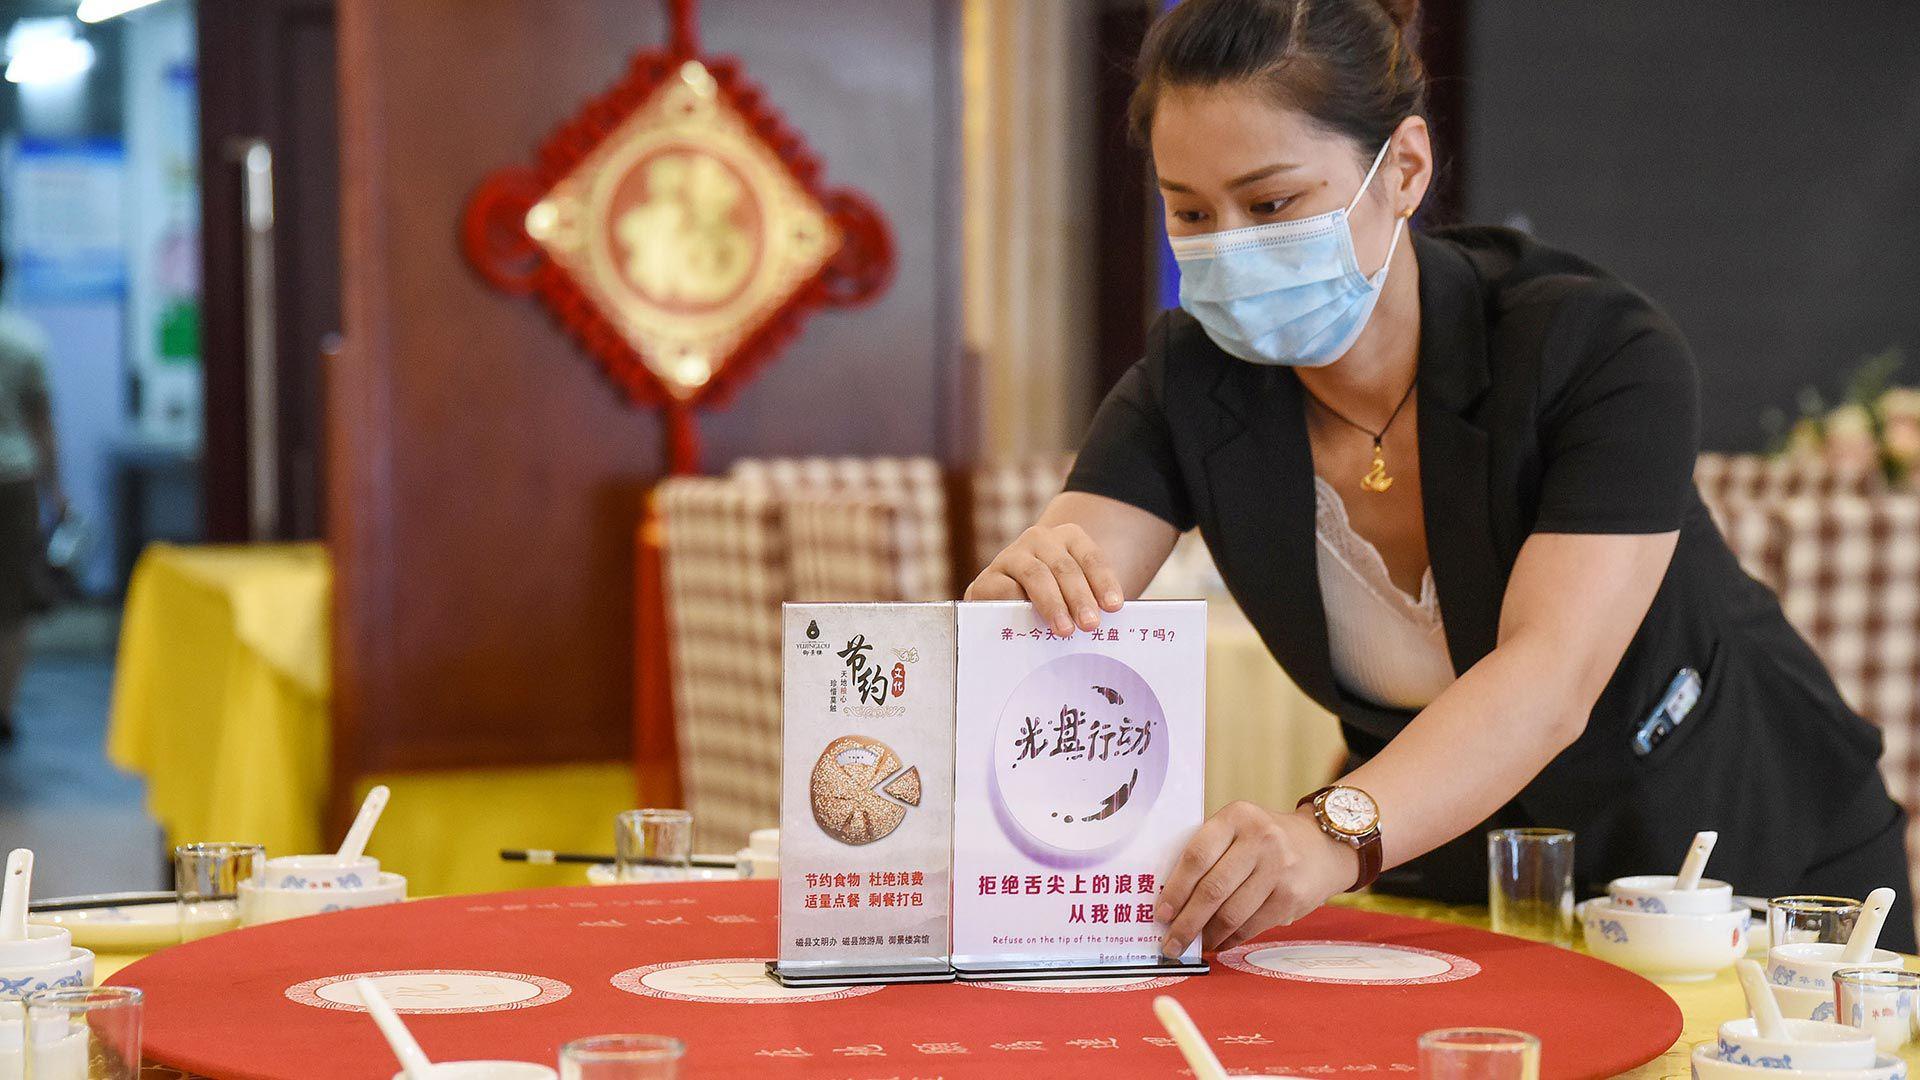 Restaurantes en China, son también invitados a ofrecer en sus menúes porciones reducidas y hasta medias porciones.(AFP)